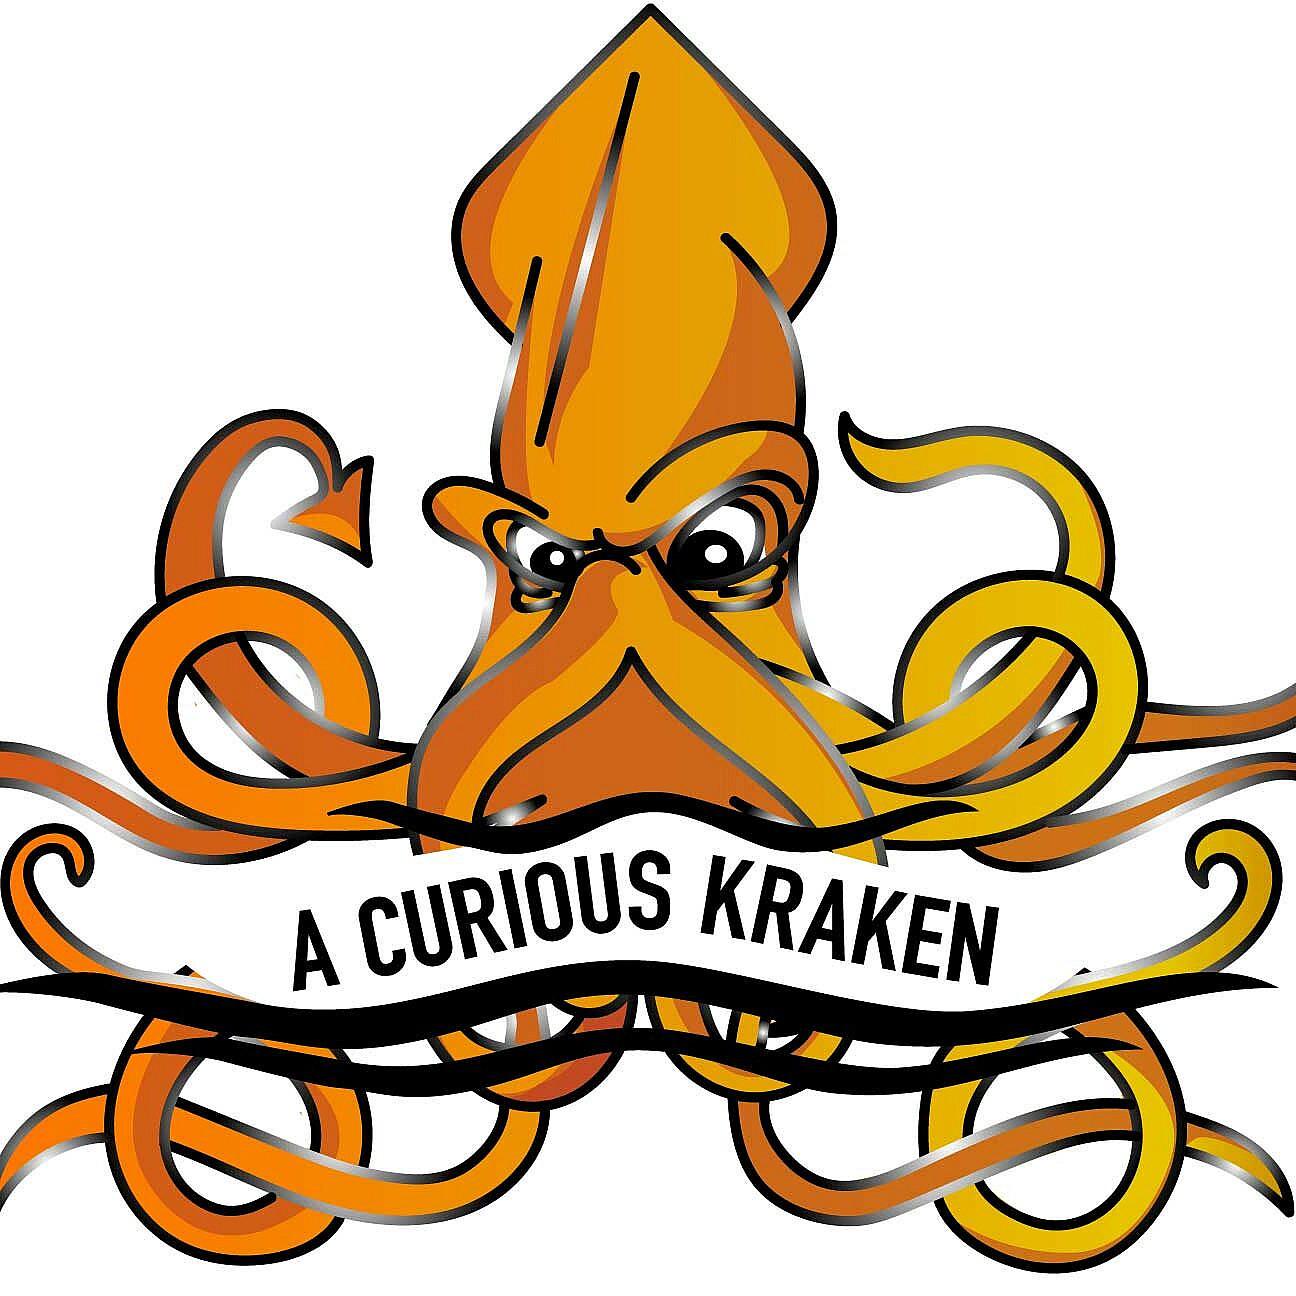 curiouskraken